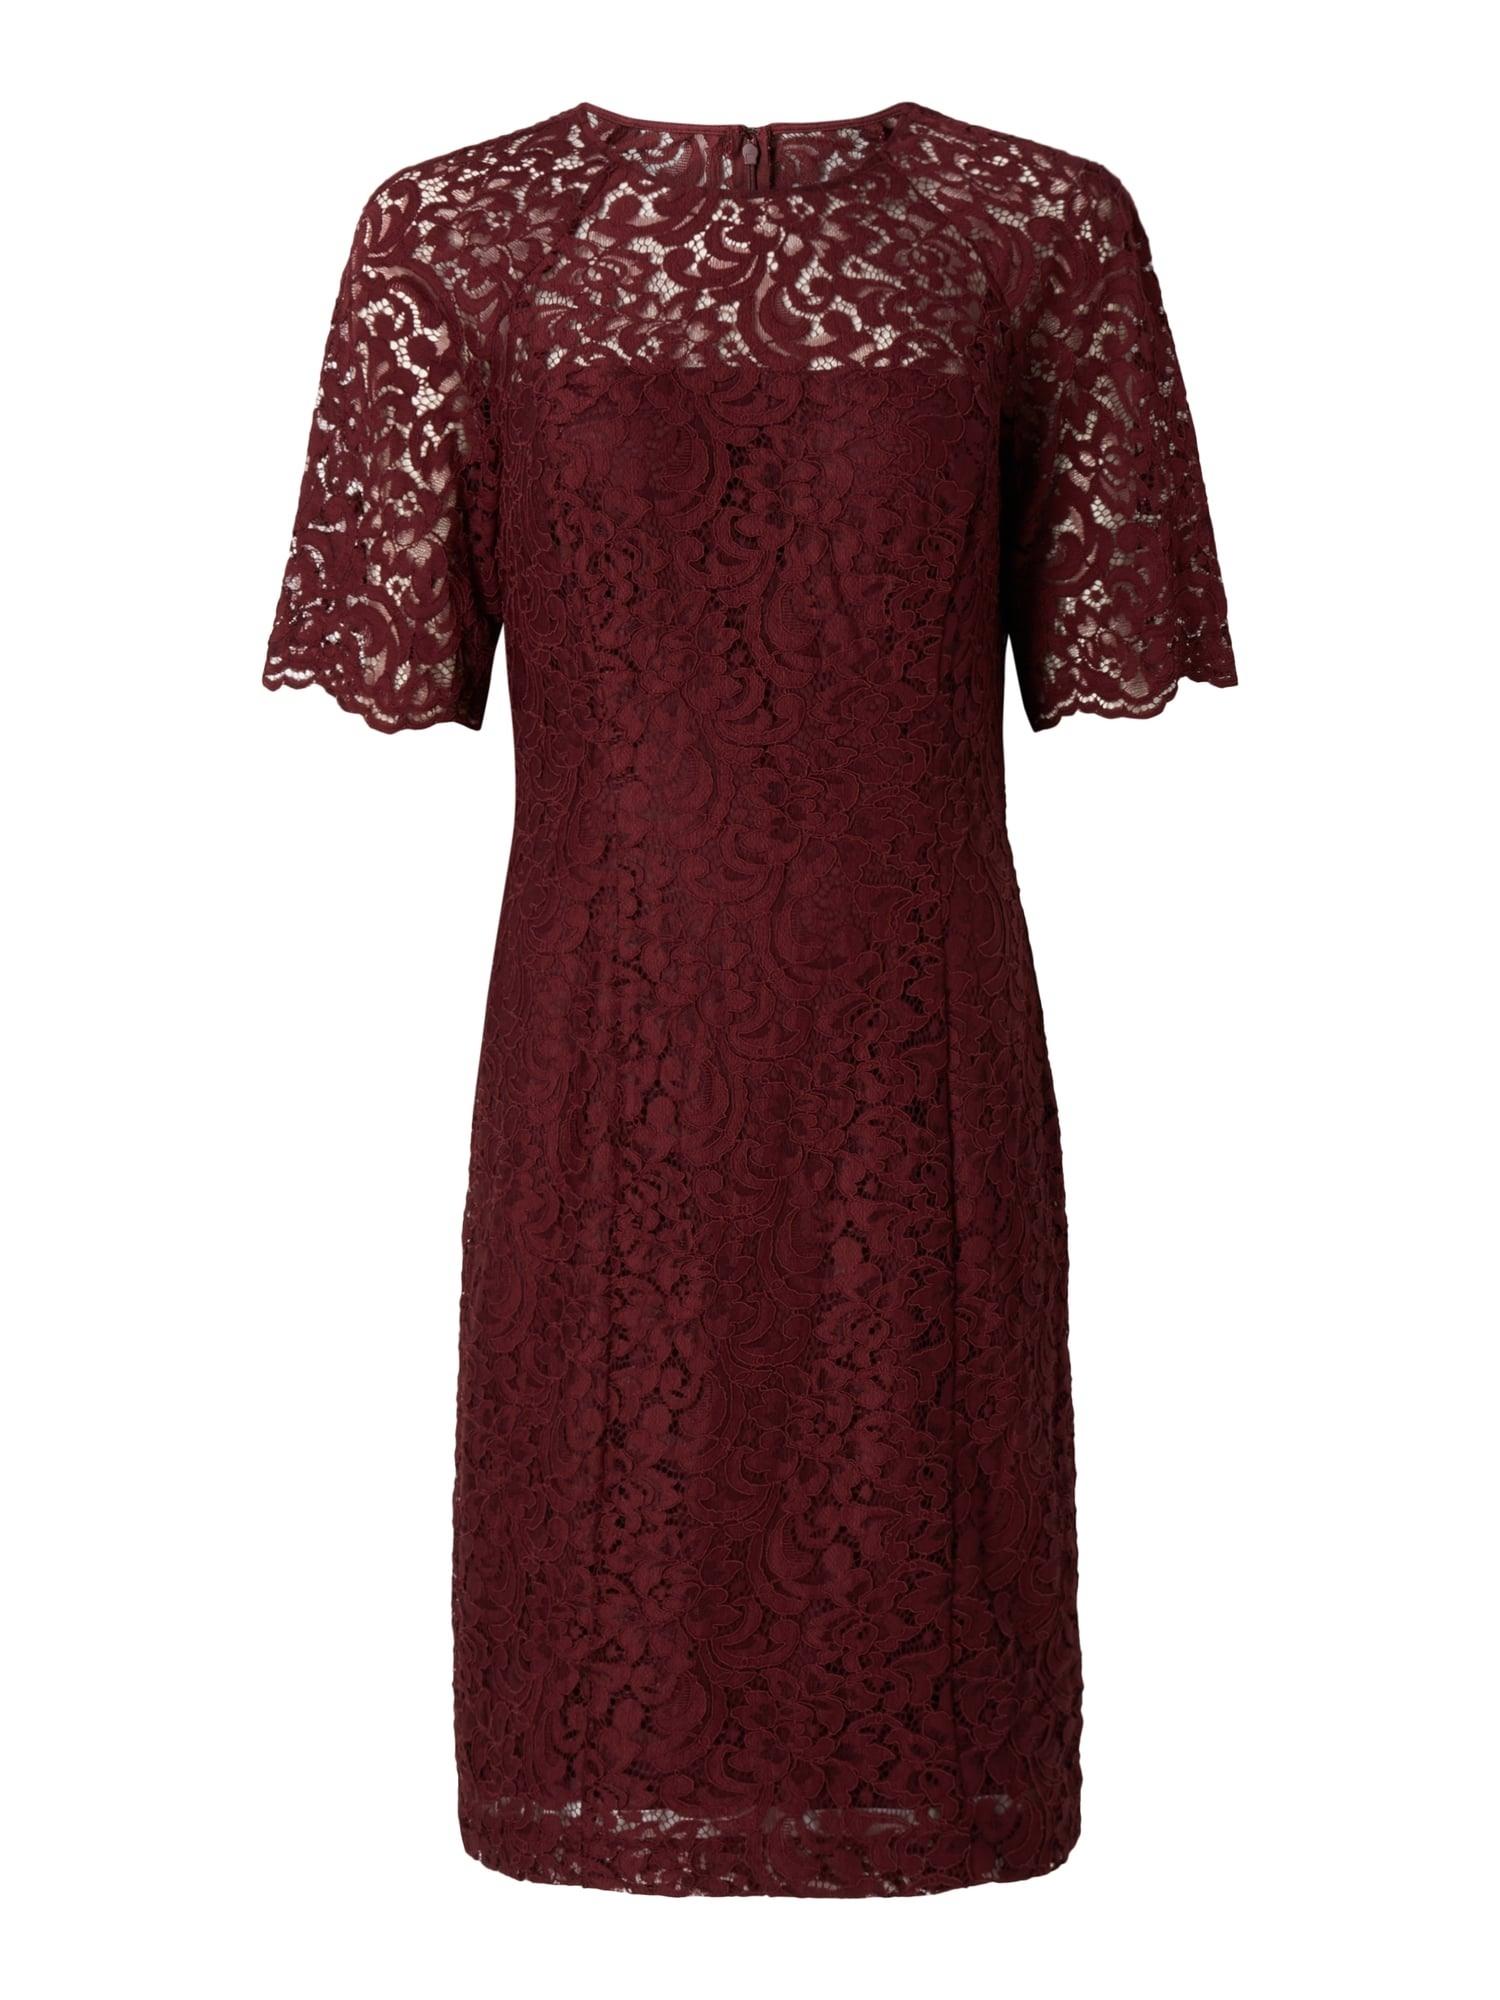 Designer Schön Bordeaux Kleid Spitze DesignDesigner Einzigartig Bordeaux Kleid Spitze Boutique